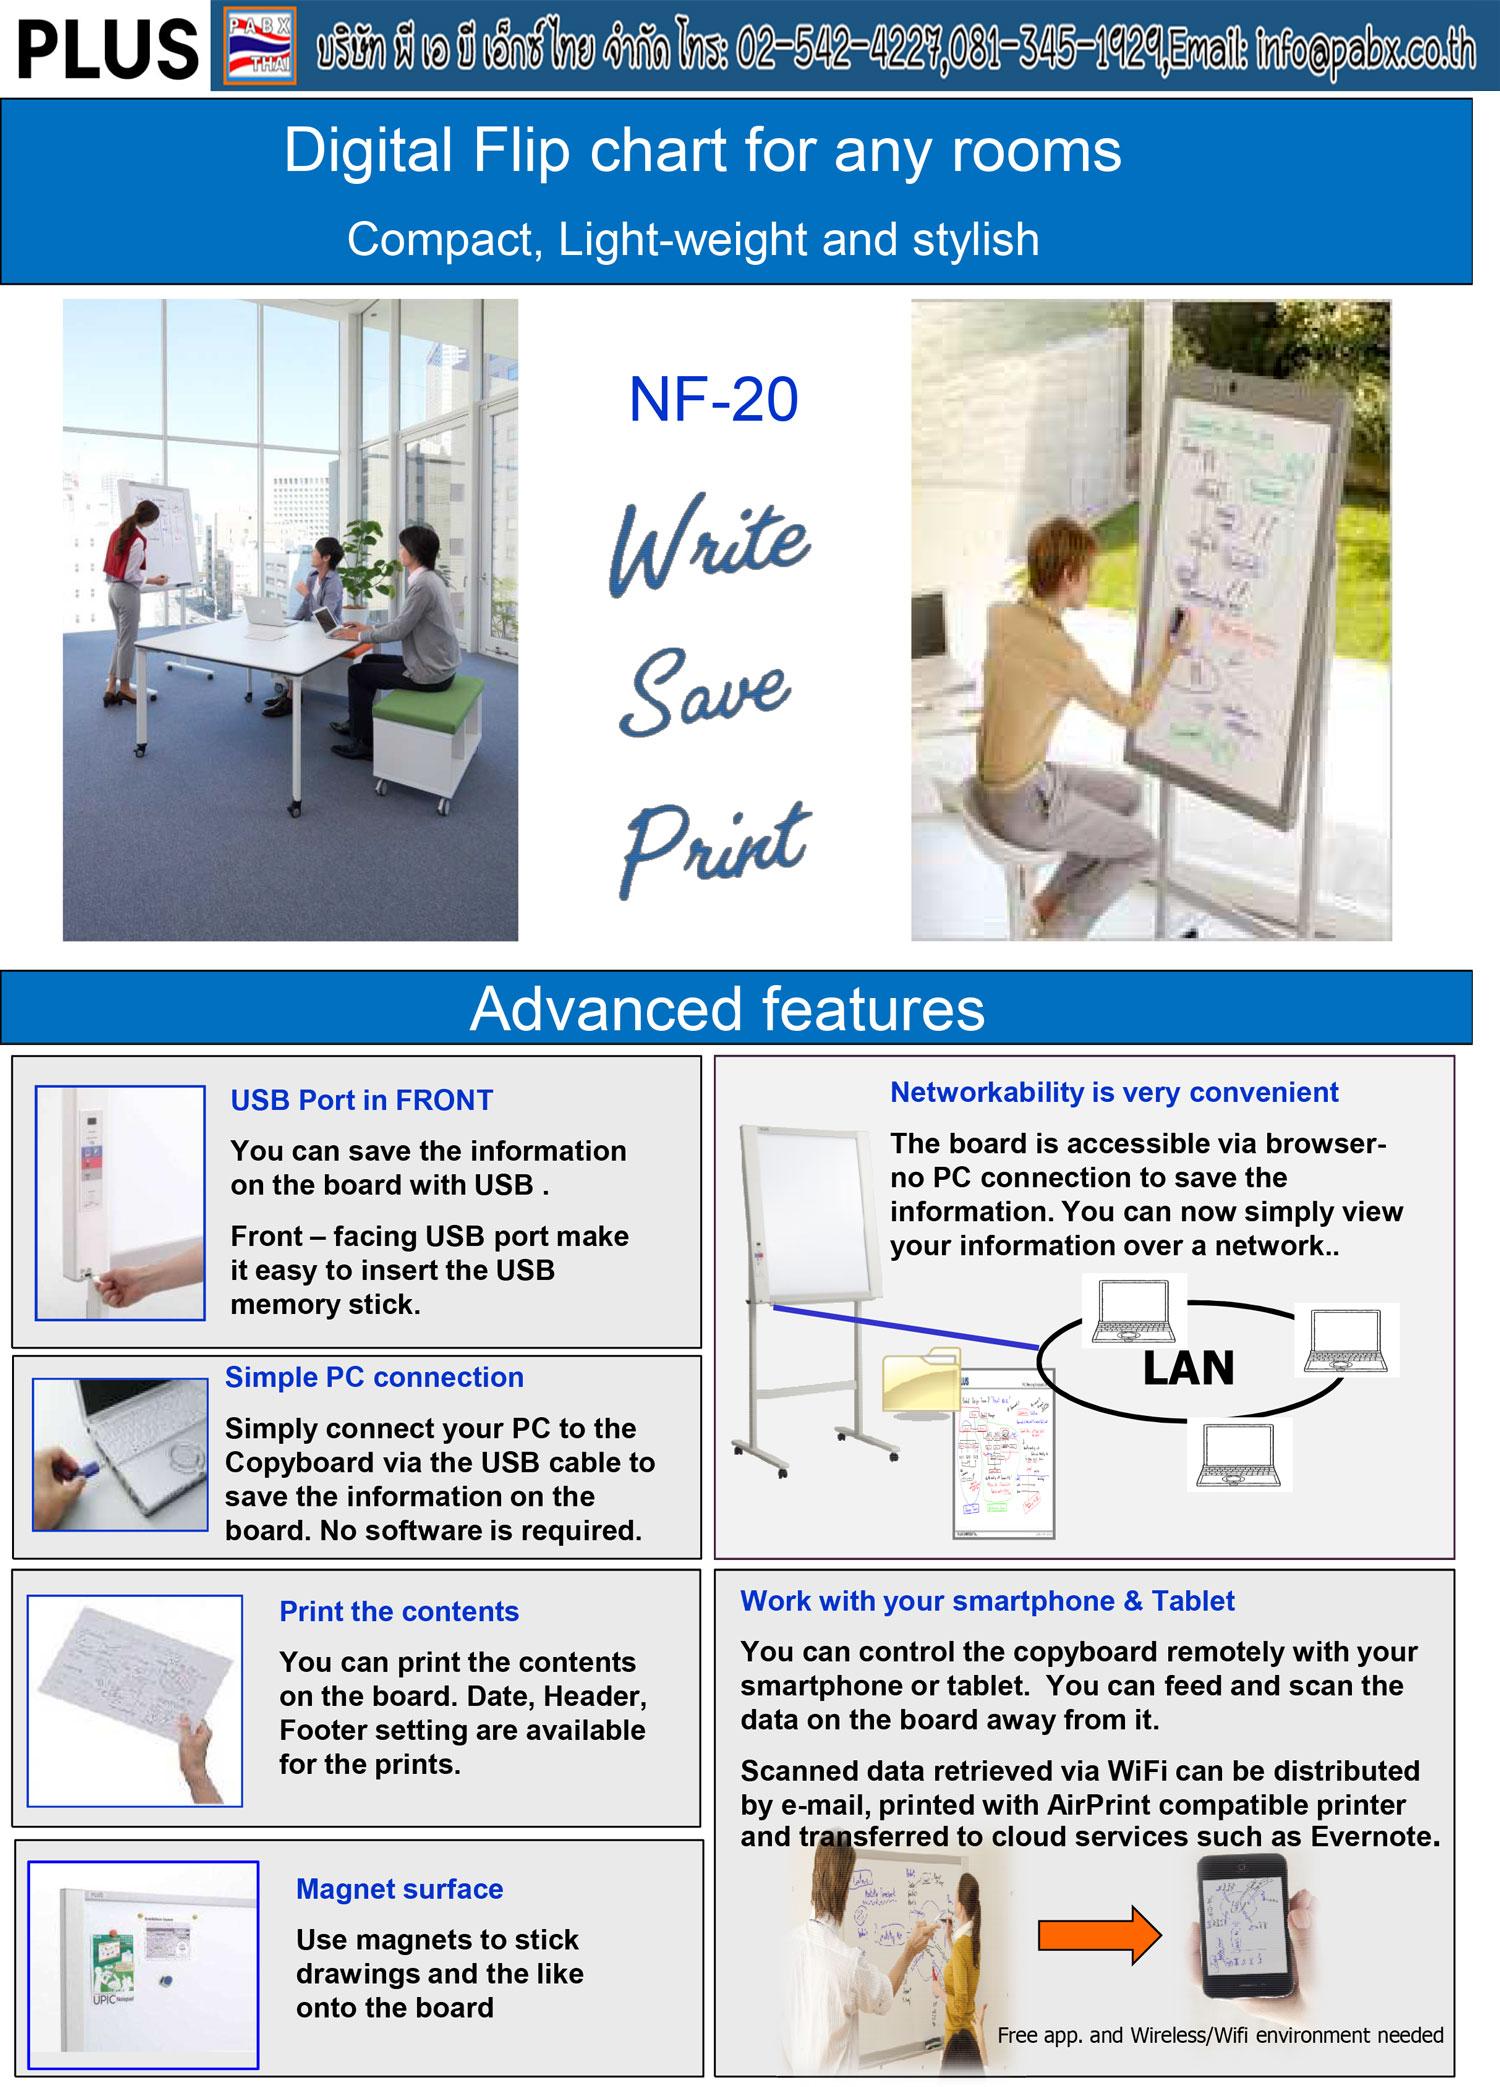 Plus NF-20S  Electronic Copyboard Board กระดานอิเล็กทรอนิกส์อัจฉริยะ พร้อมขาตั้ง